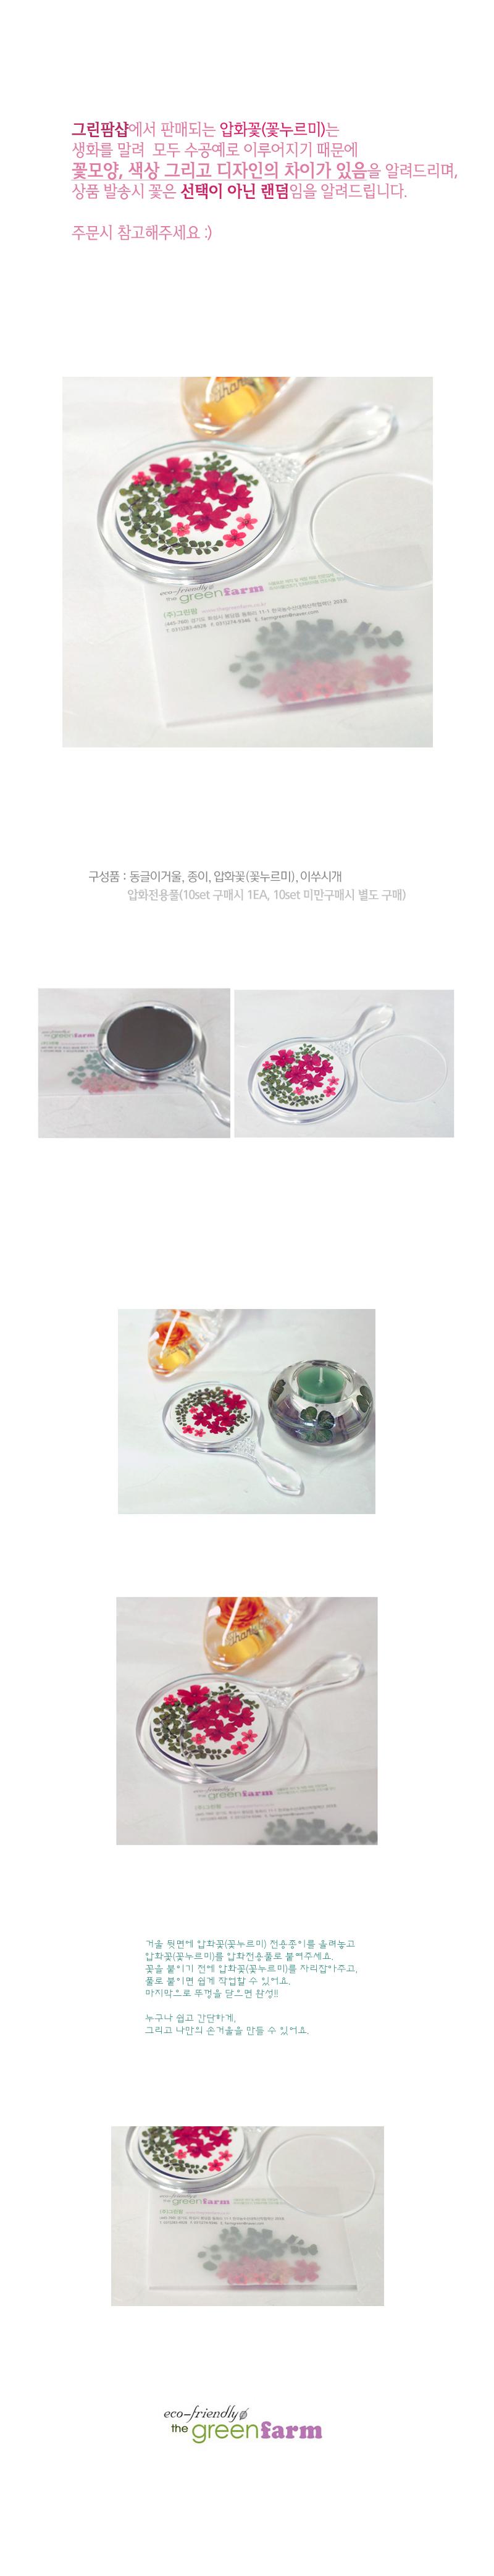 꽃보듬(압화) 동글이 거울 만들기 KIT - 그린팜, 6,880원, 압화 공예, 열쇠고리/소품 패키지